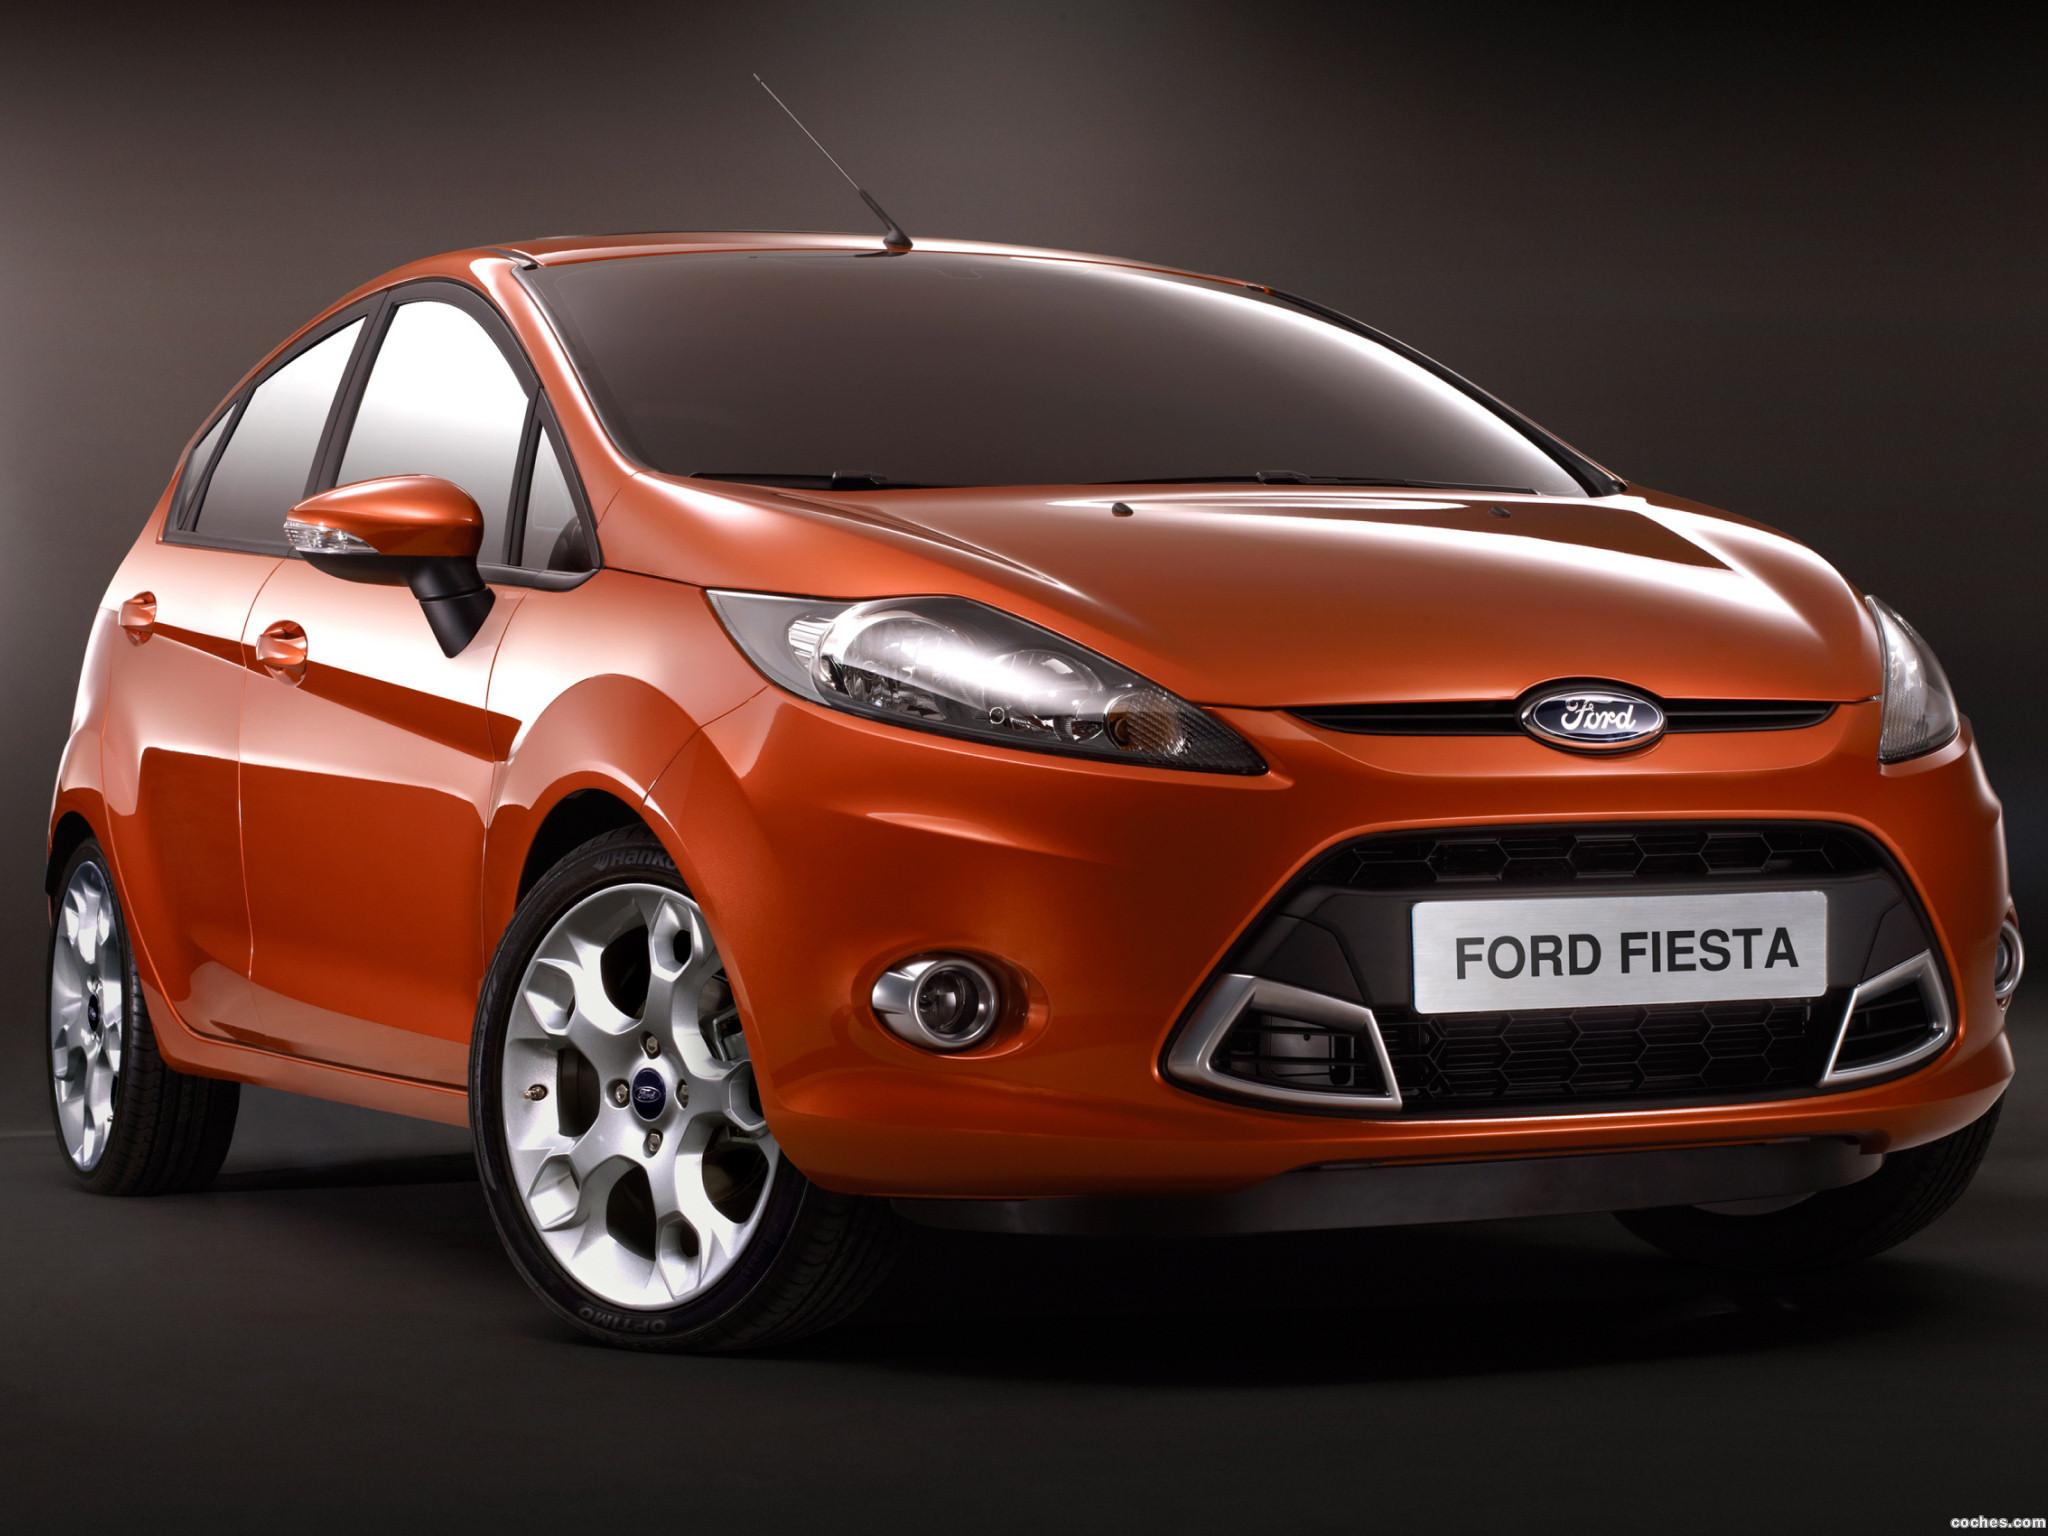 Foto 0 de Ford Fiesta S 2008